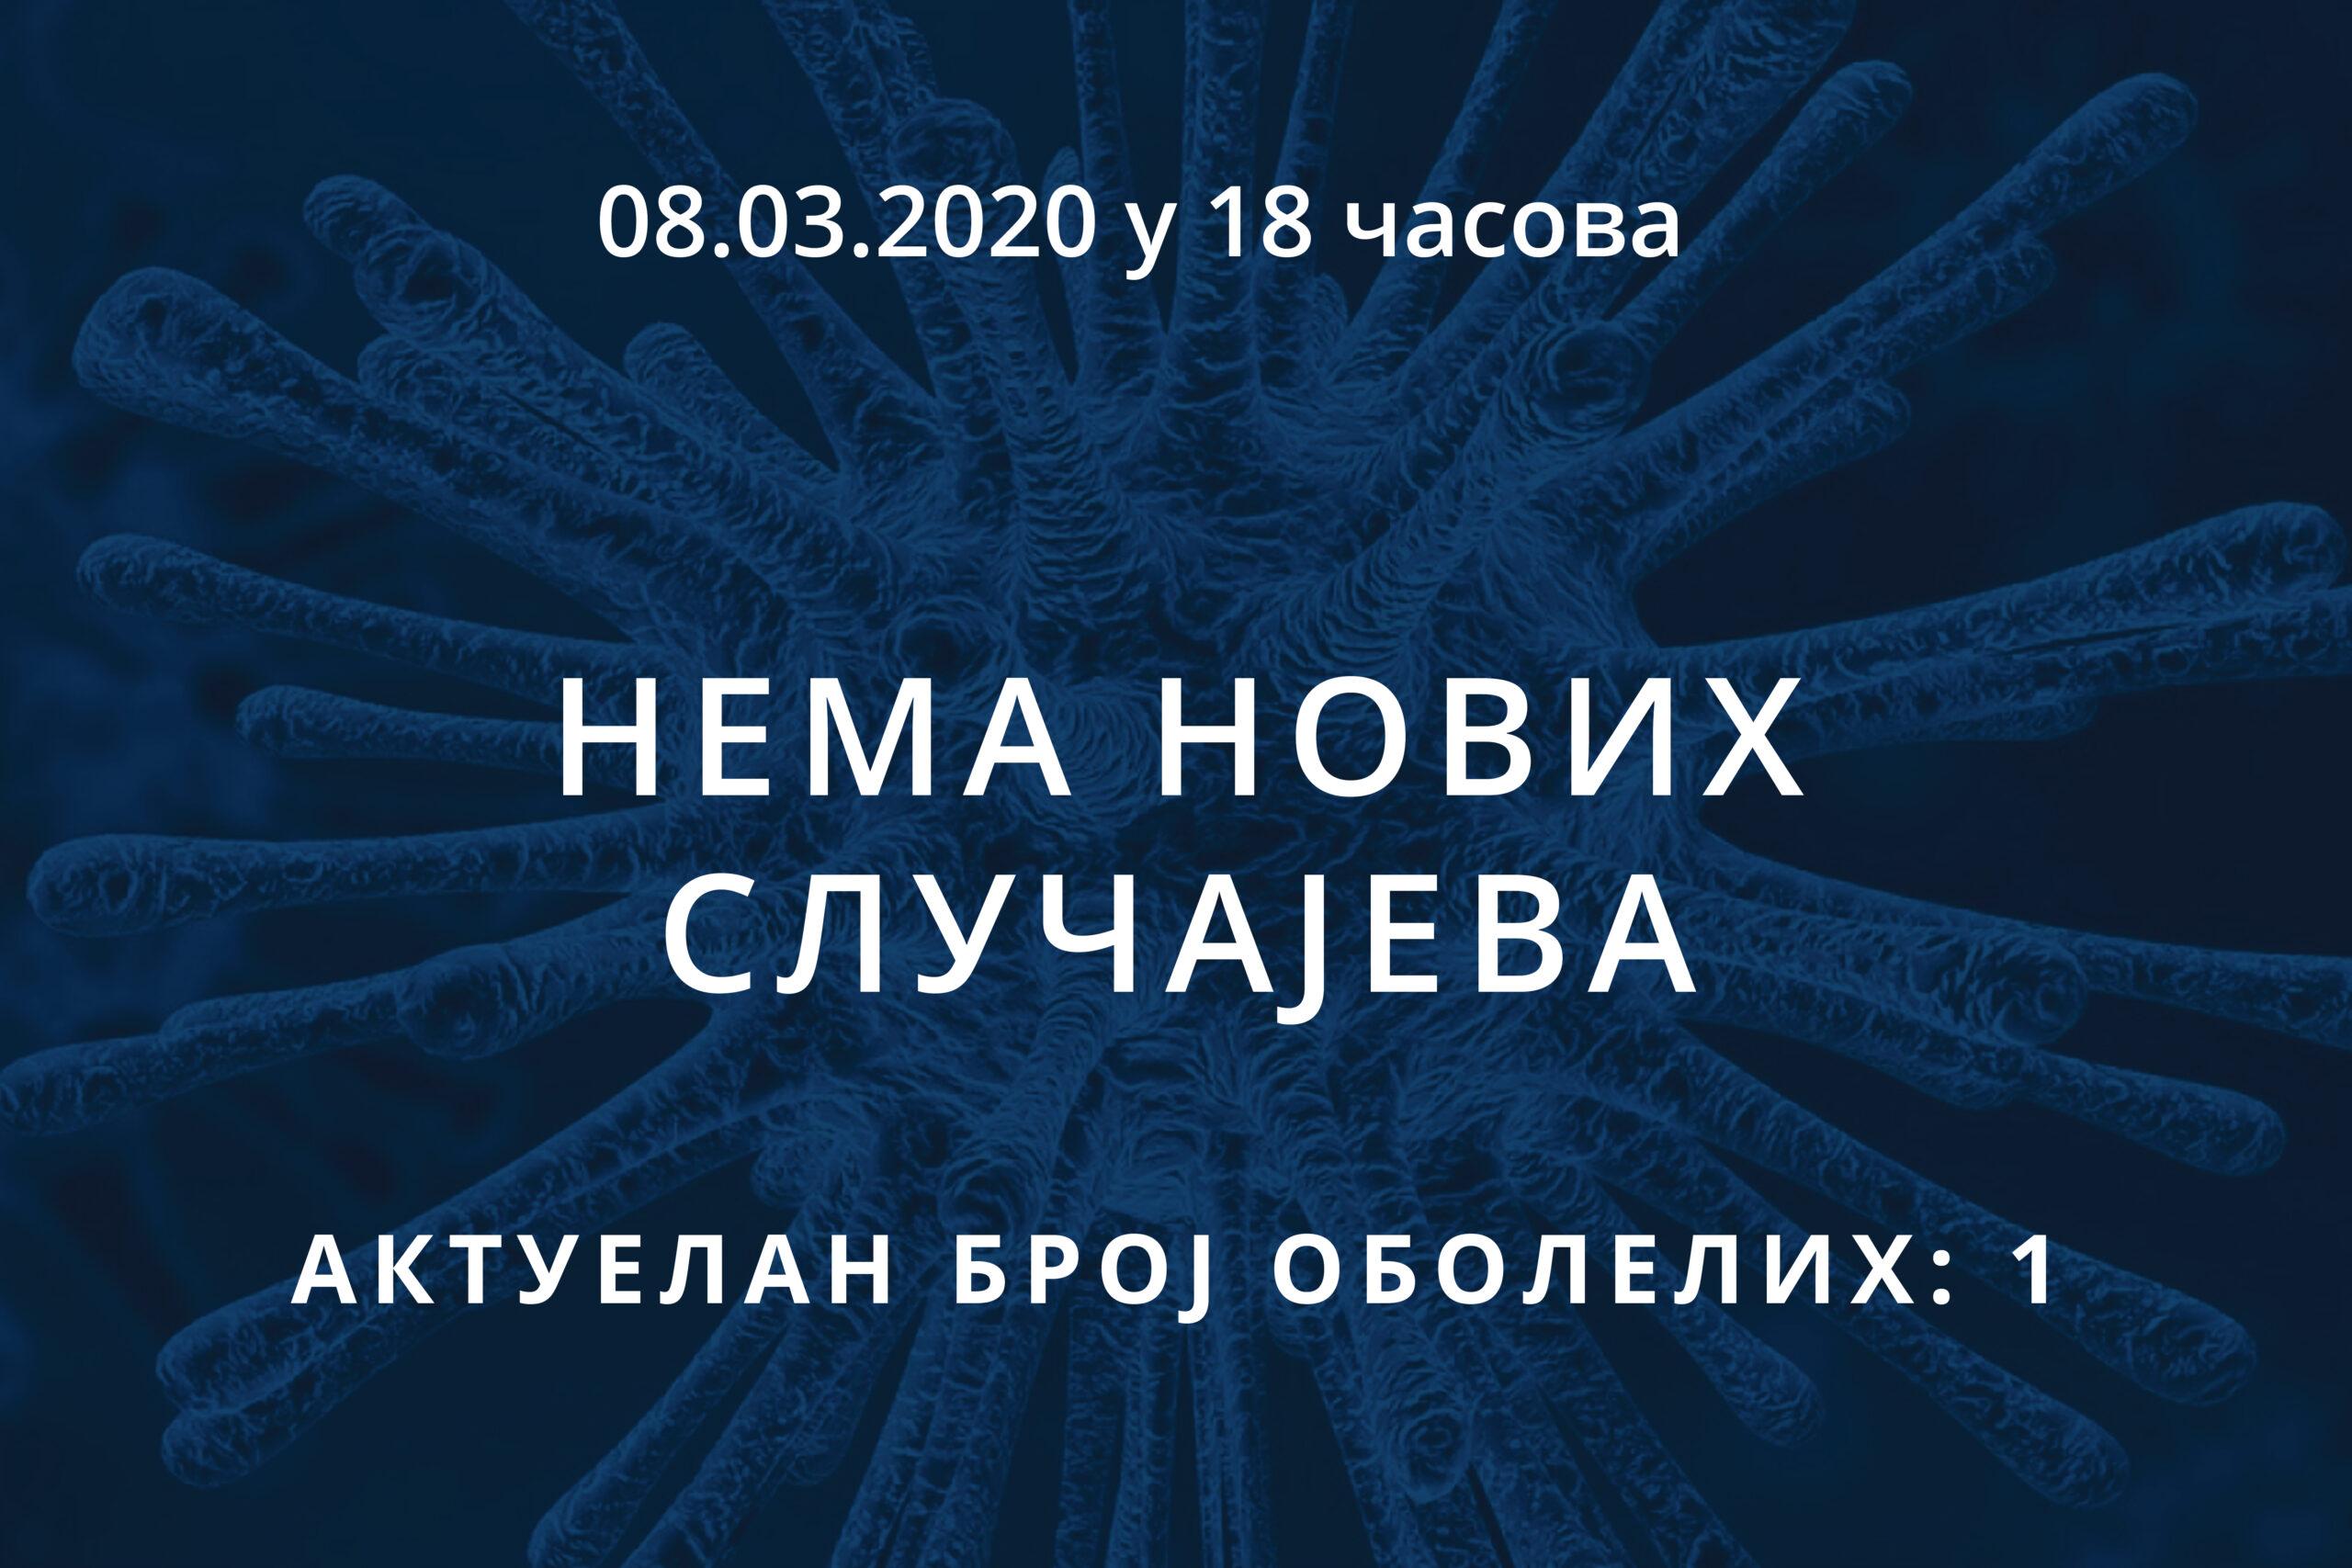 Информације о корона вирусу COVID-19, 08.03.2020 у 18 часова